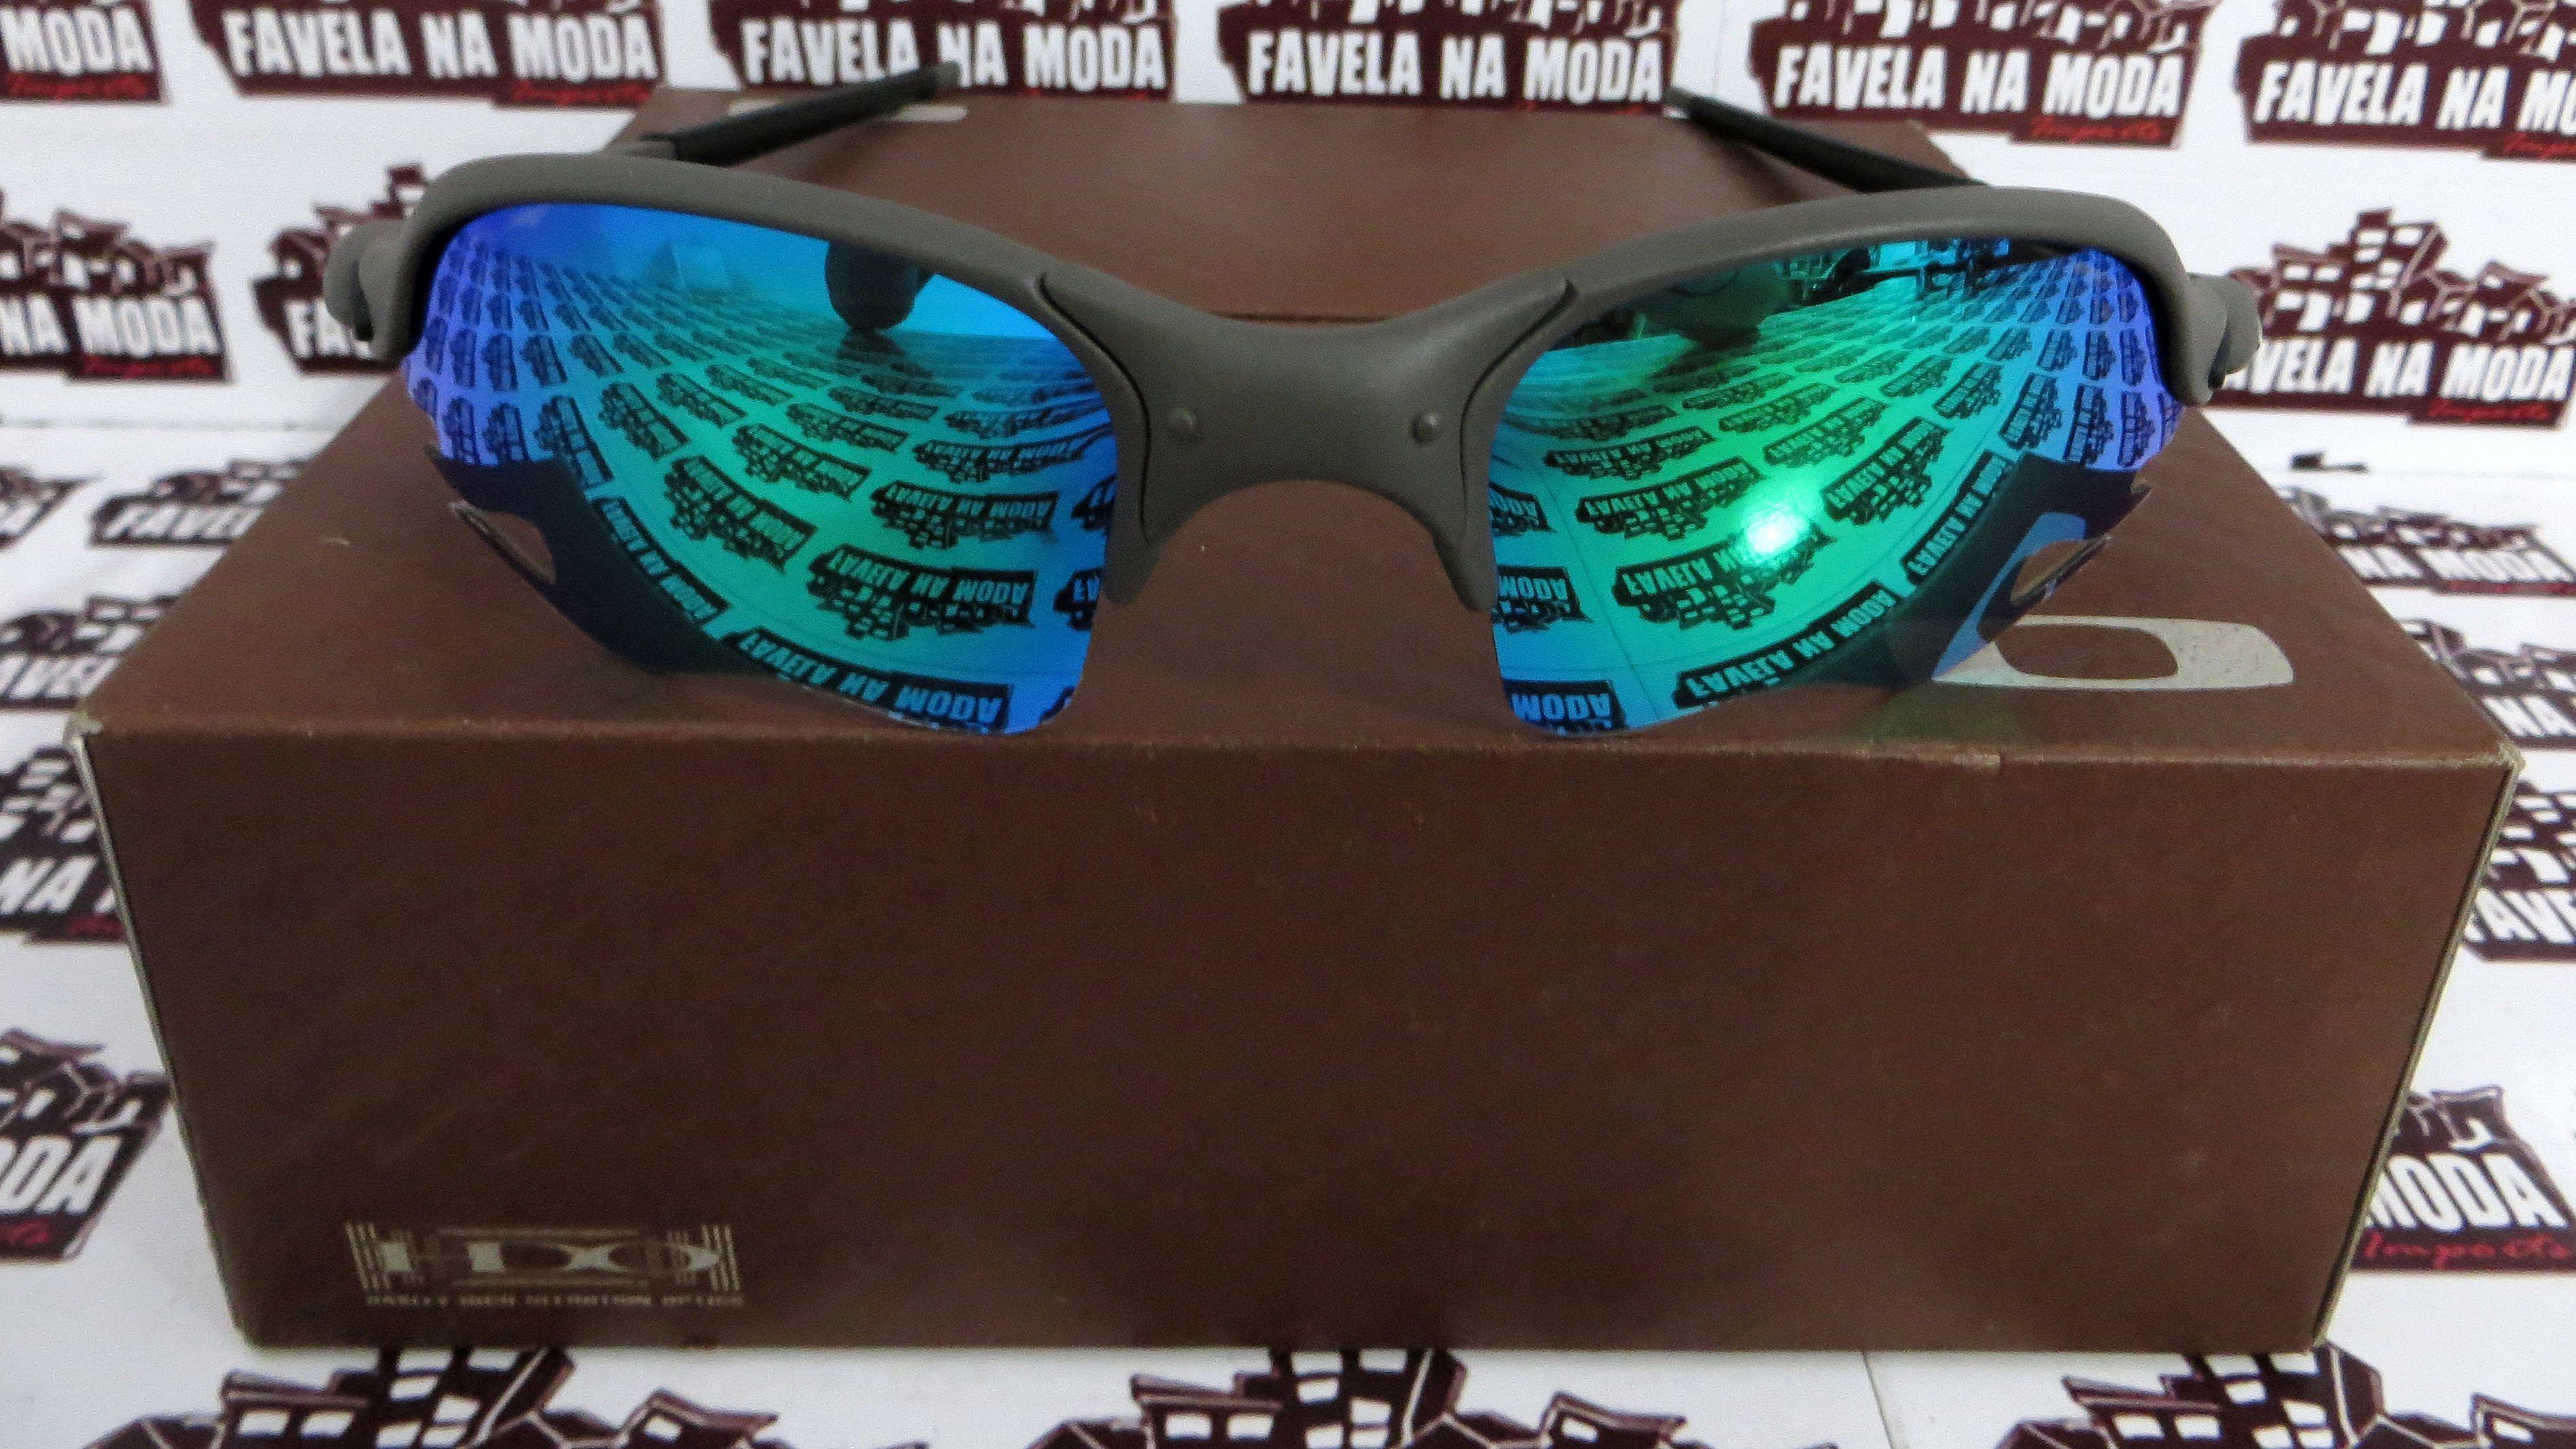 5b0f0543ad6e1 Óculos Oakley Romeo 2 - X-Metal   Green Jade (flame)   Borrac Pret